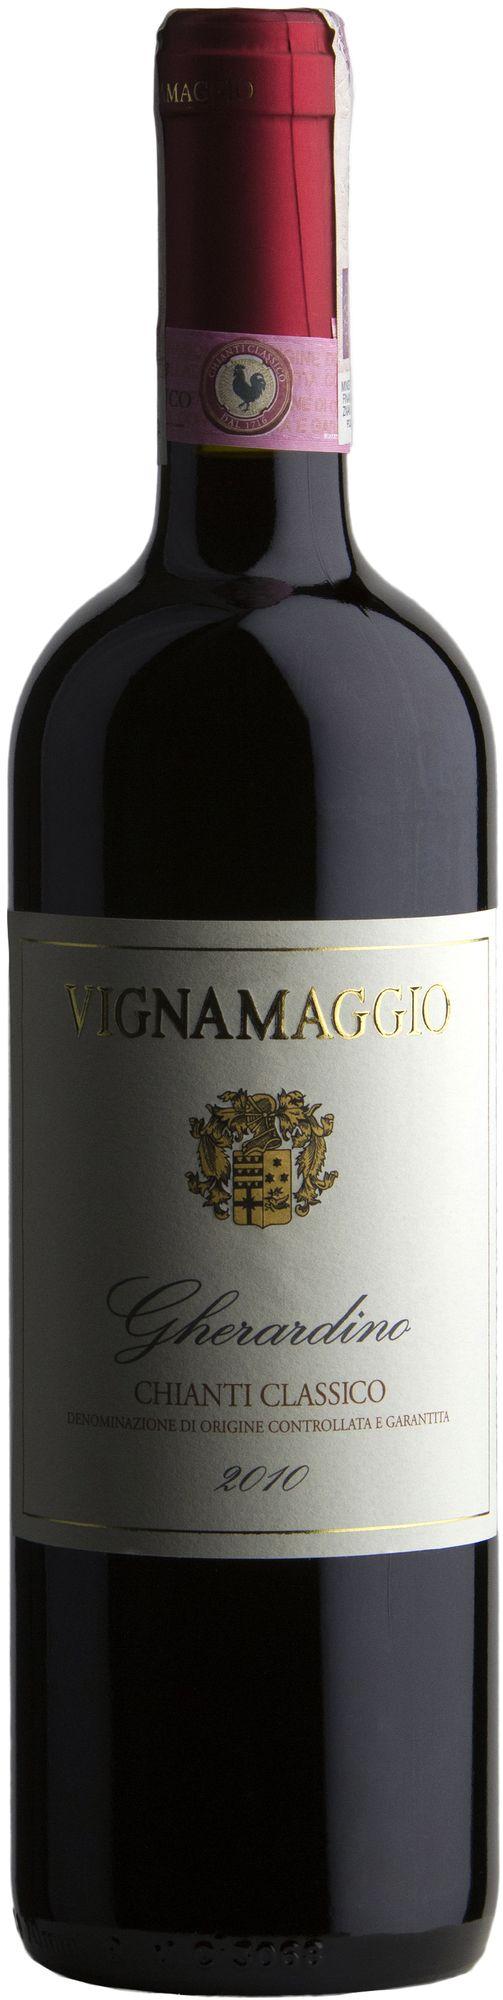 Wino Vignamaggio Chianti Classico DOCG